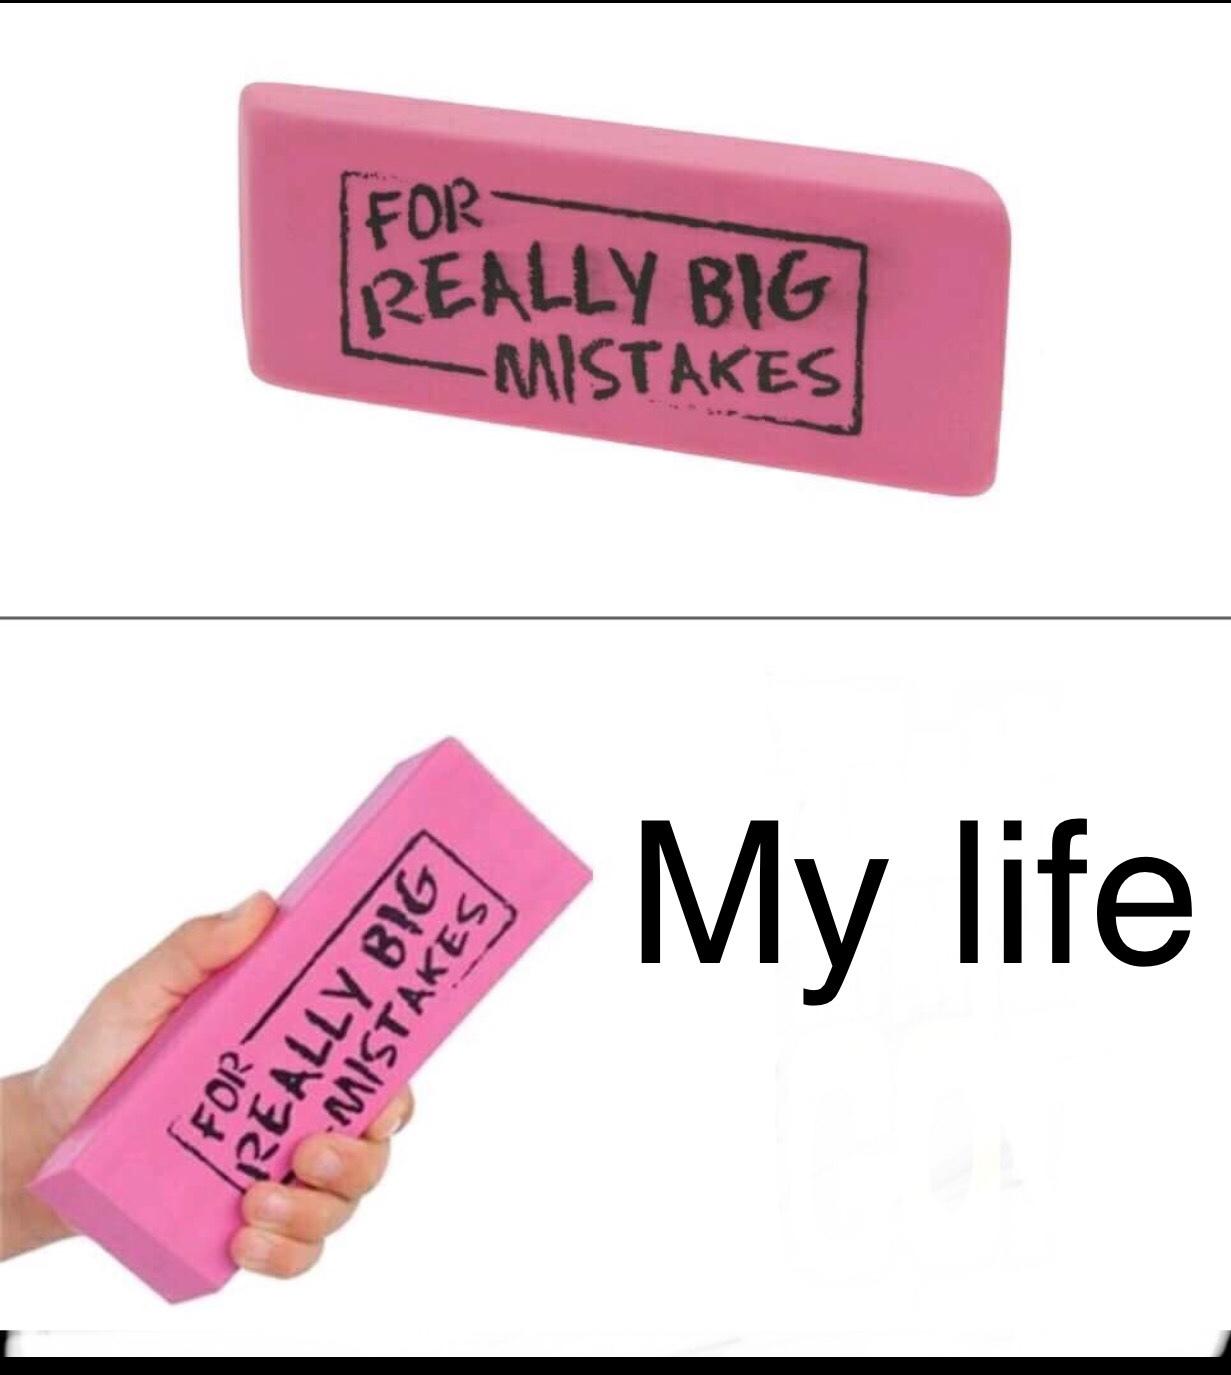 Fml - meme